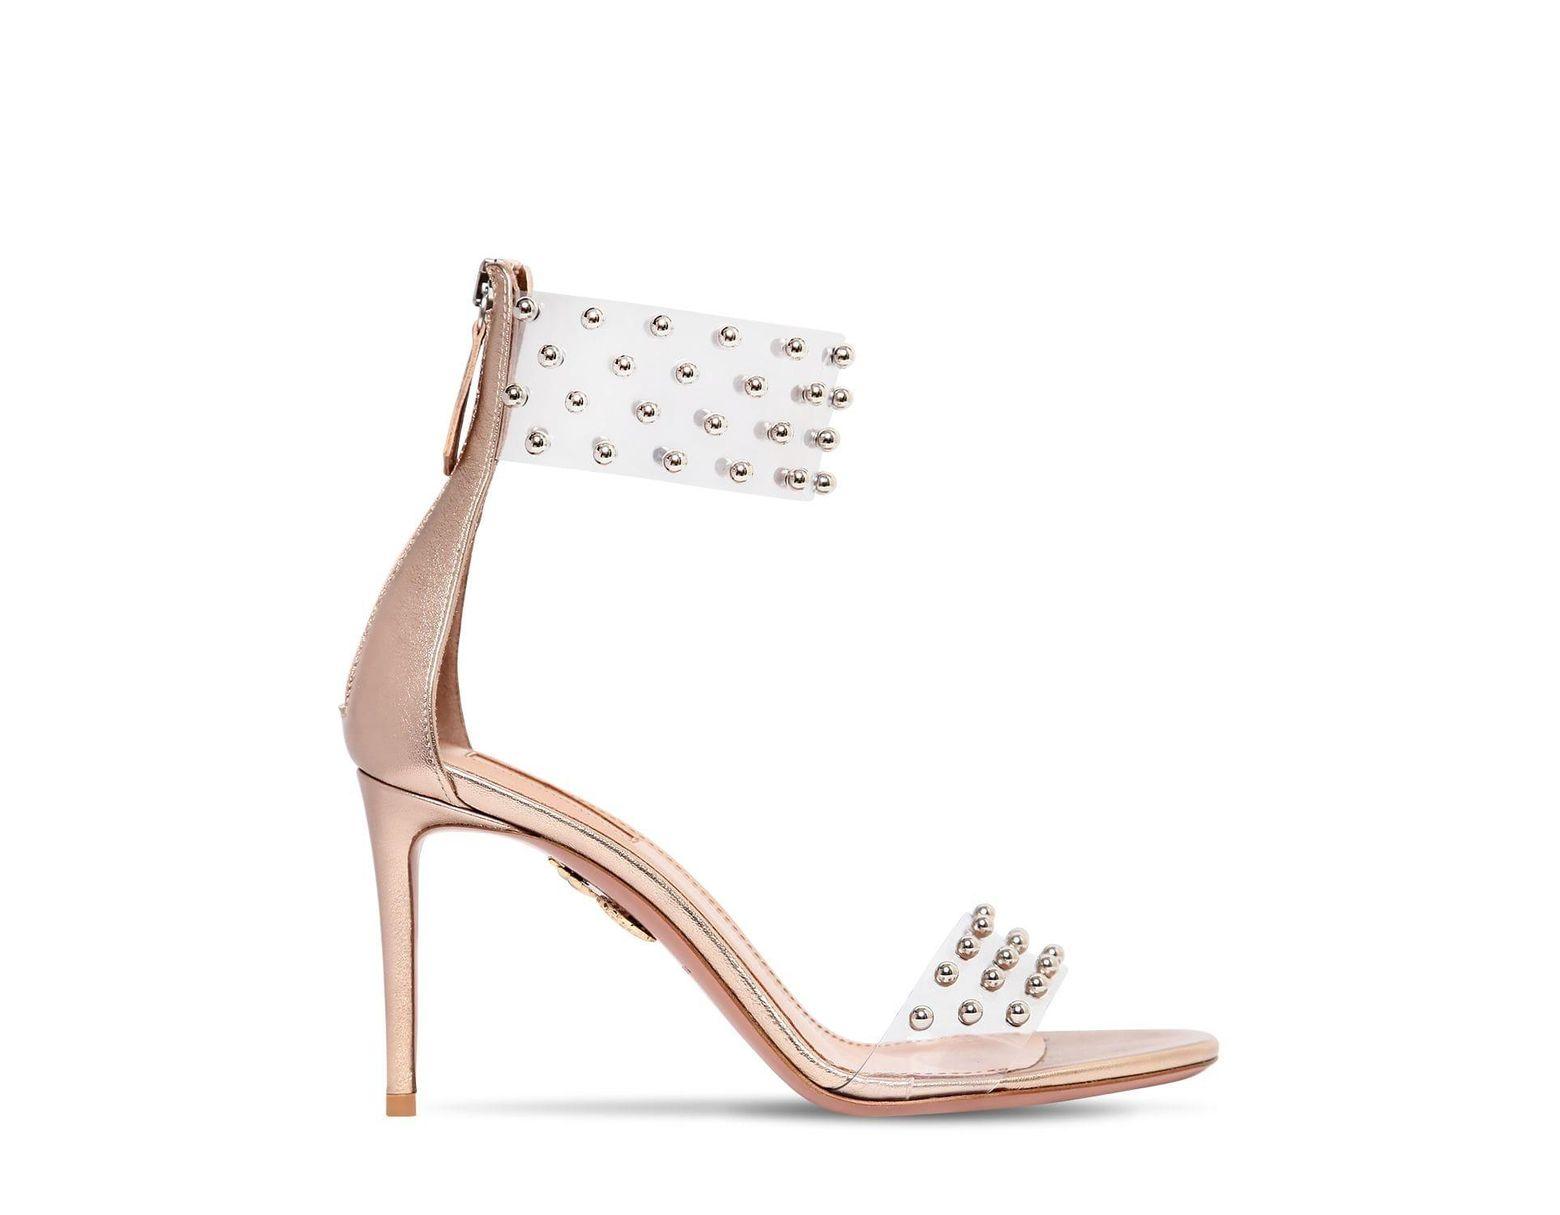 4e4bb33259 Aquazzura 85mm Illusion Studded Plexi Sandals - Lyst